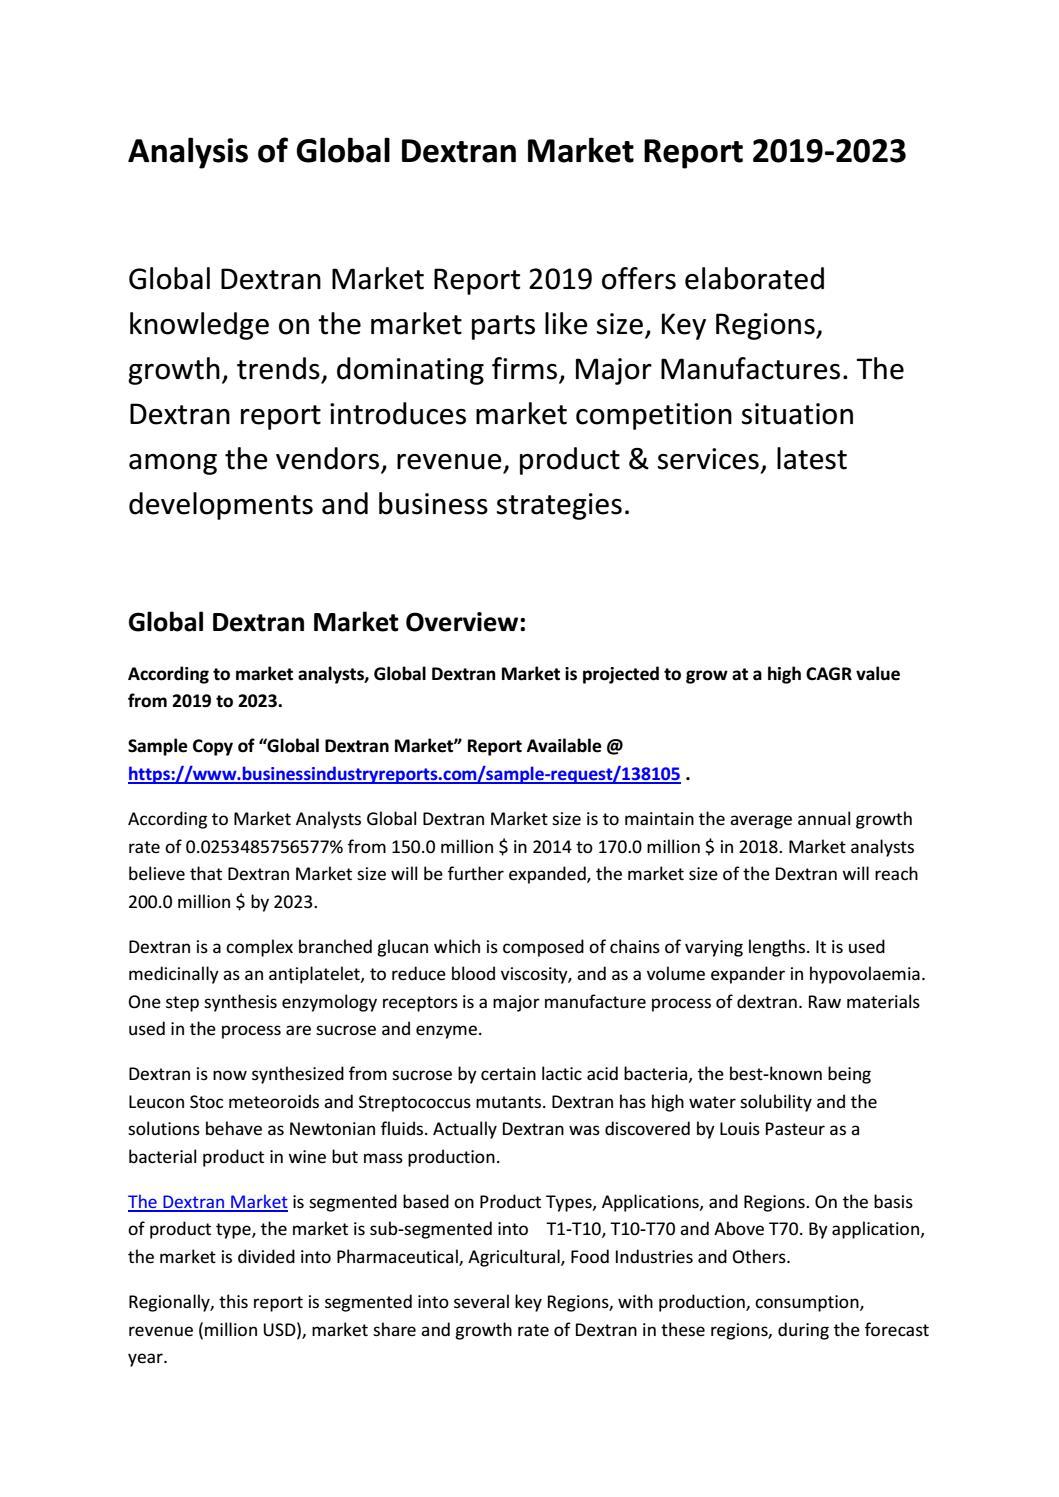 Global Dextran Market Report 2019-2023 by